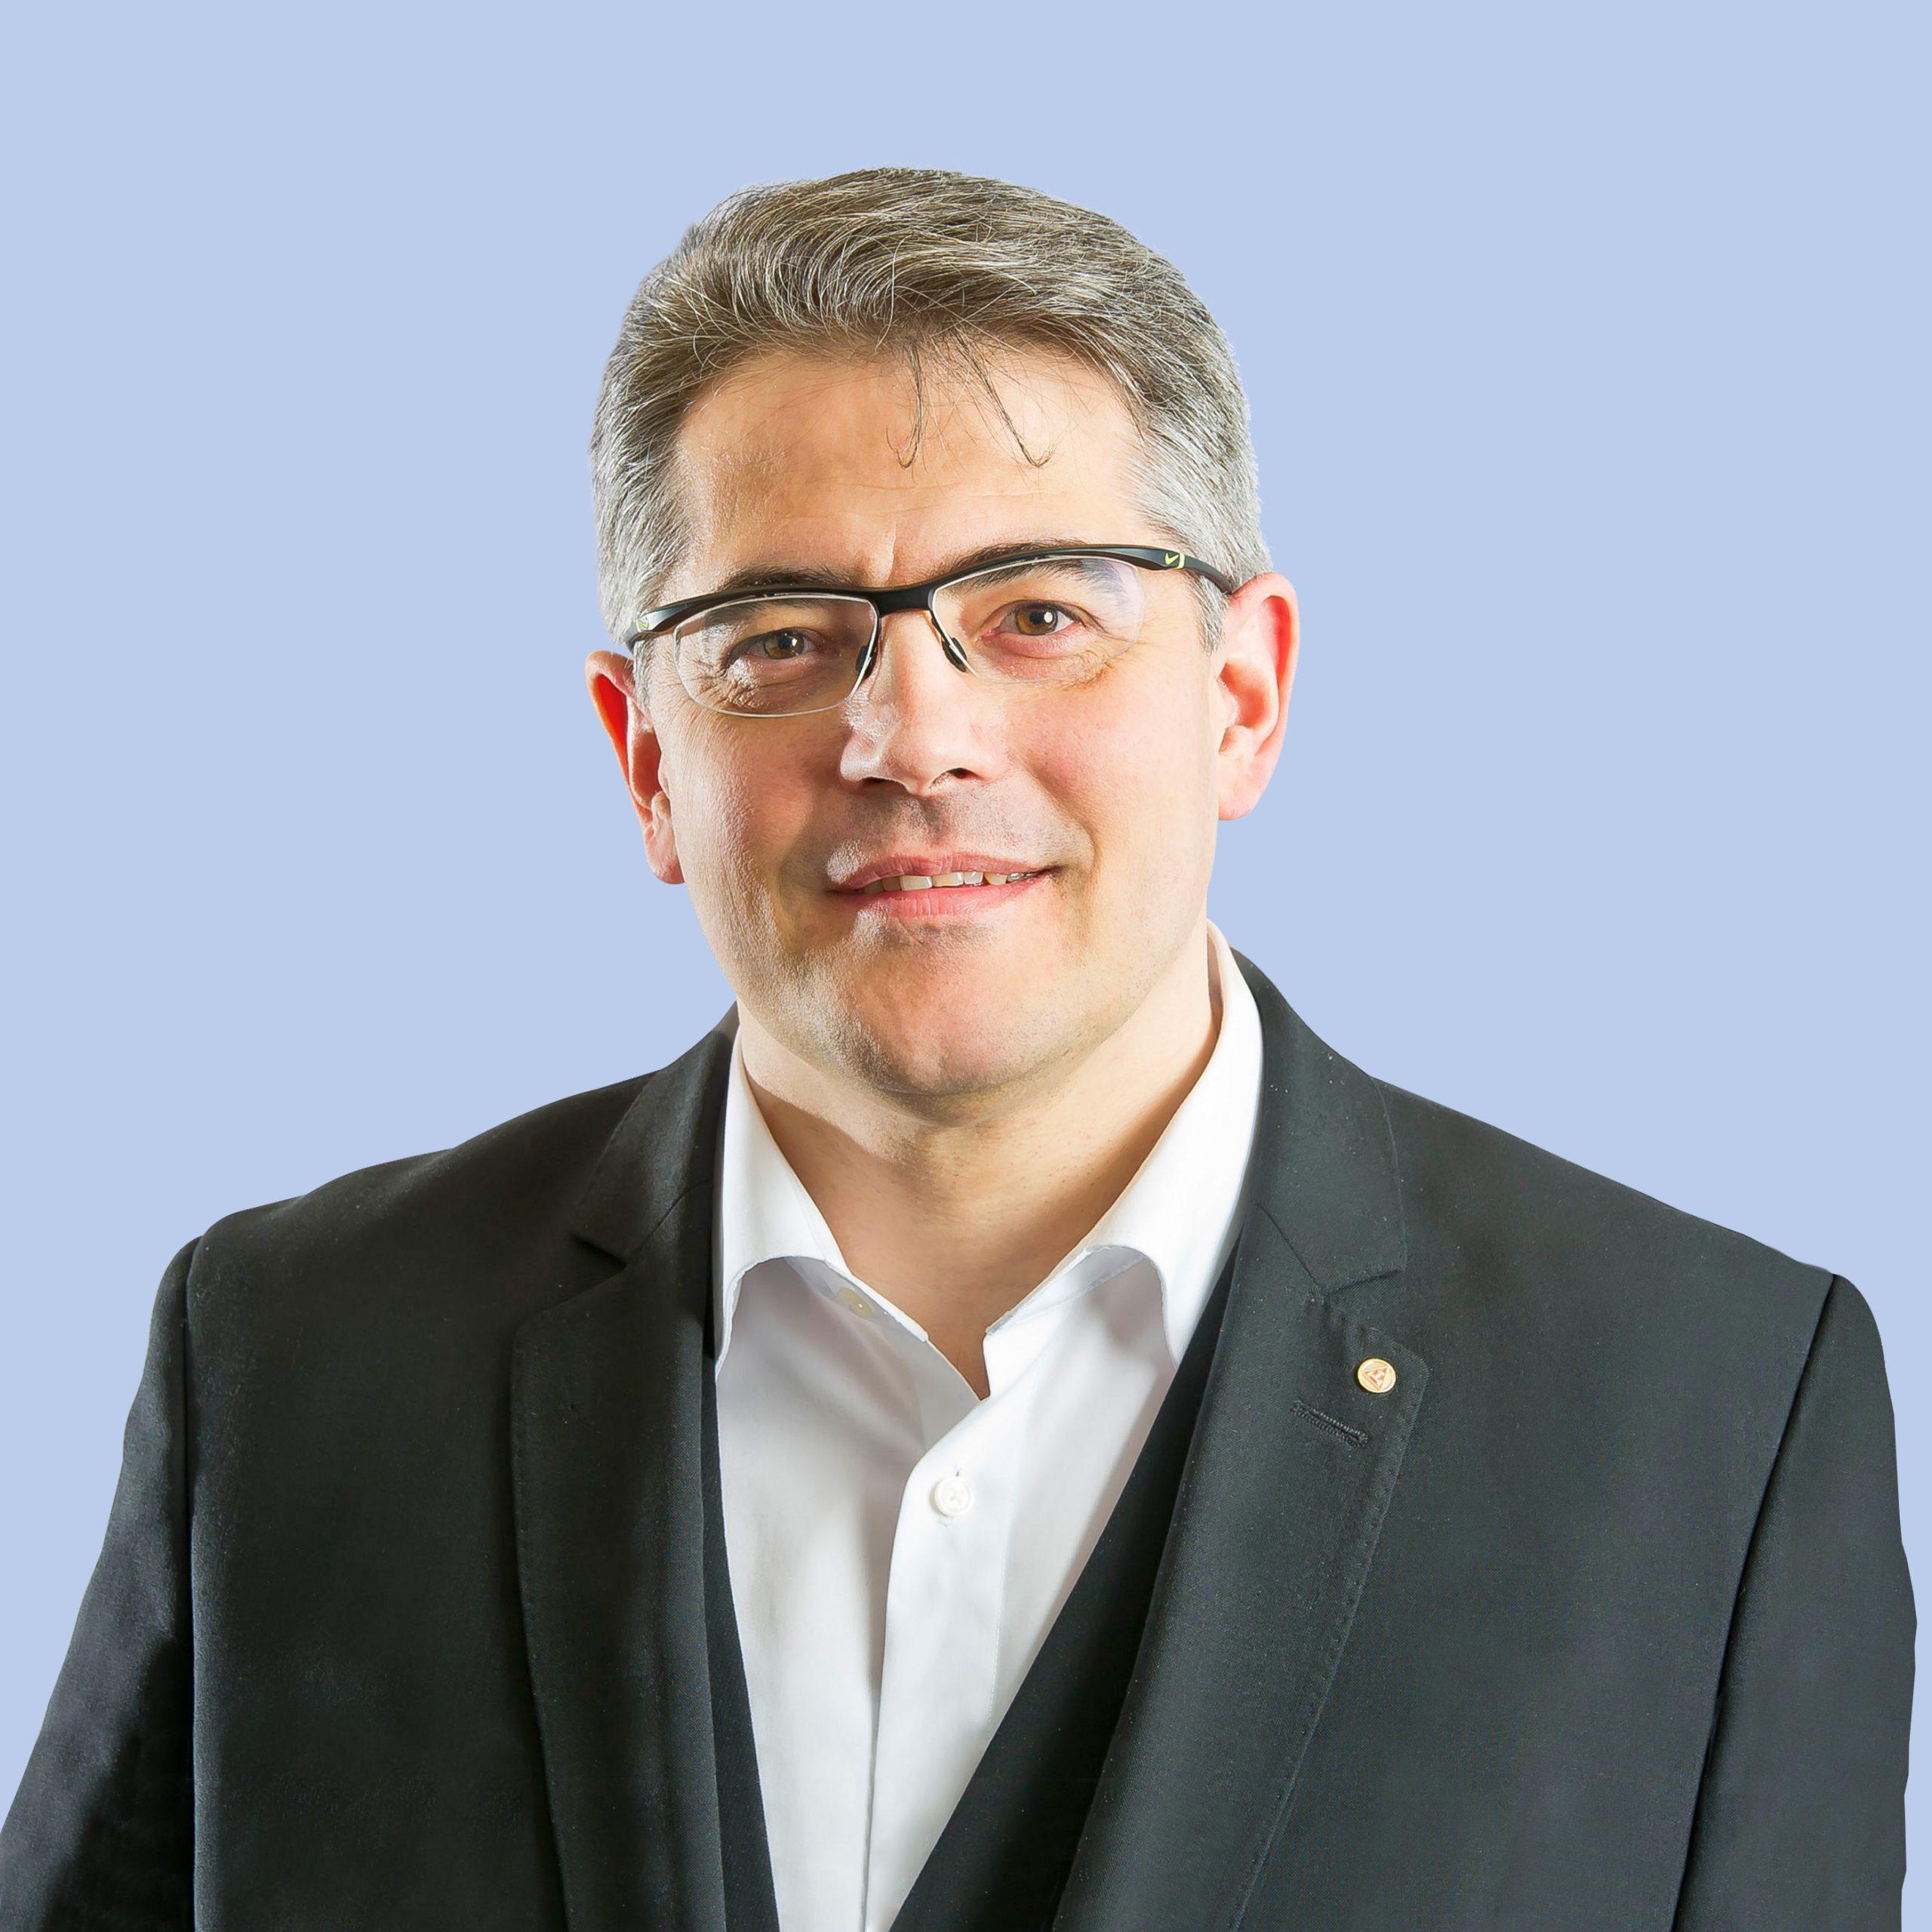 Lucas Schult